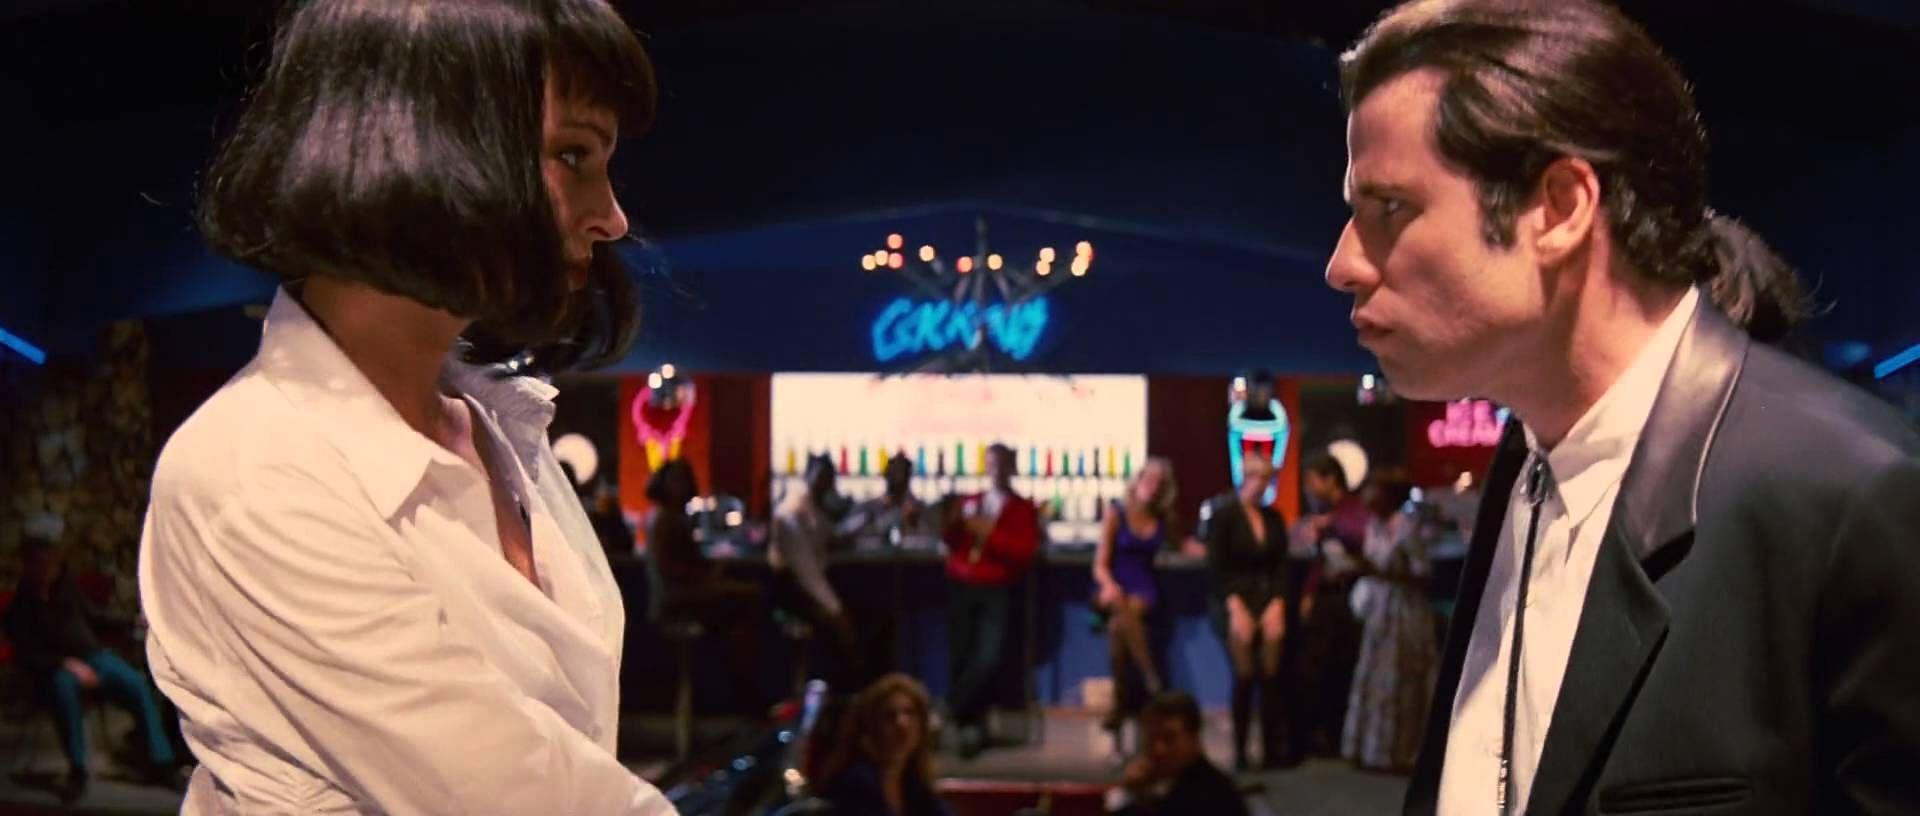 Pulp Fiction 1994 John Travolta Uma Thurman Dance Scene Hd